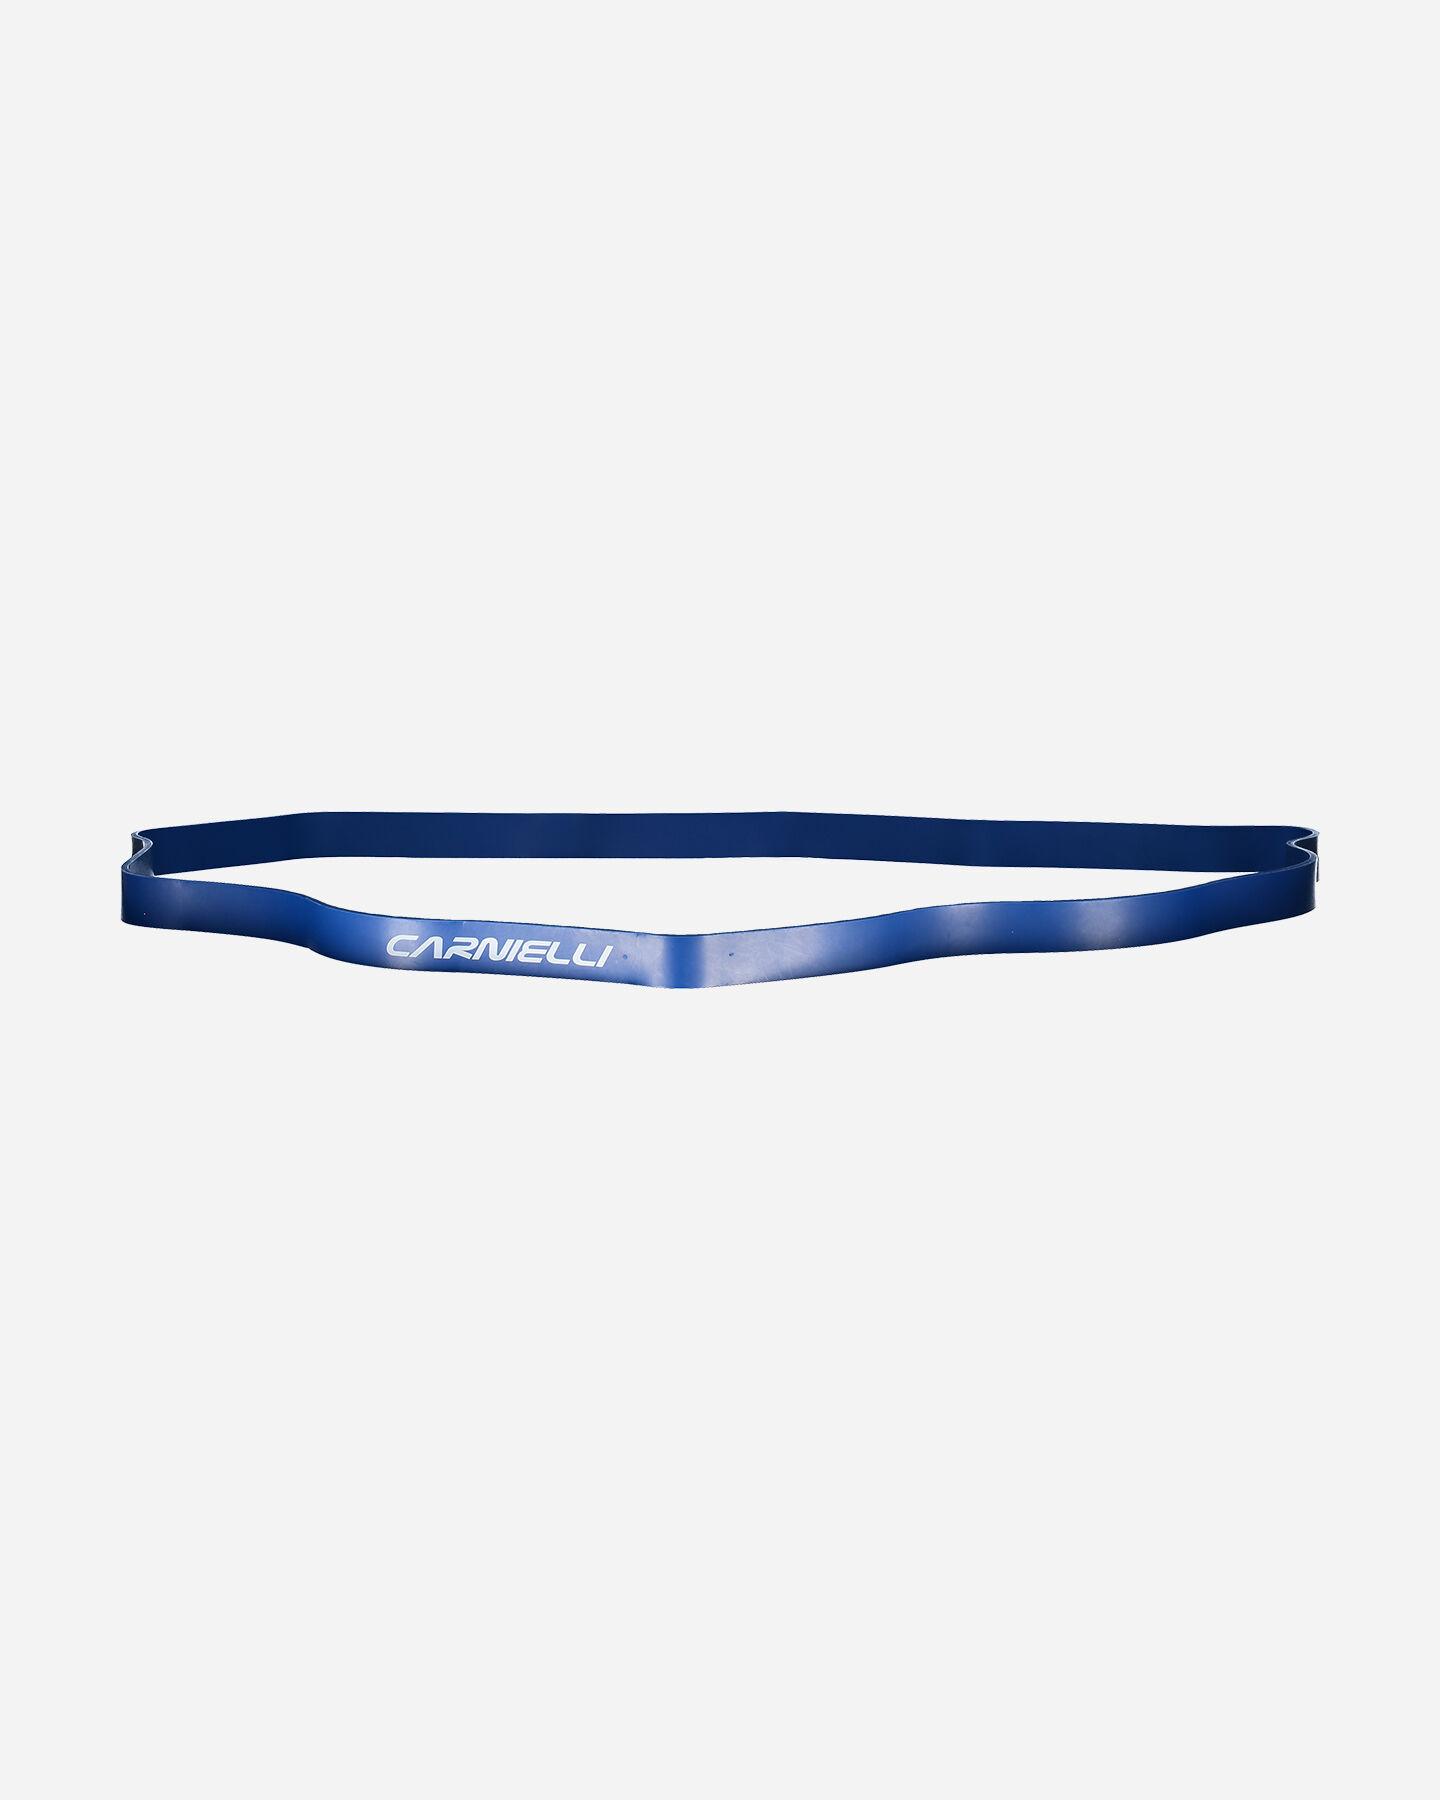 Banda elastica CARNIELLI POWER BAND 2,9 CM S5185581 600 UNI scatto 1